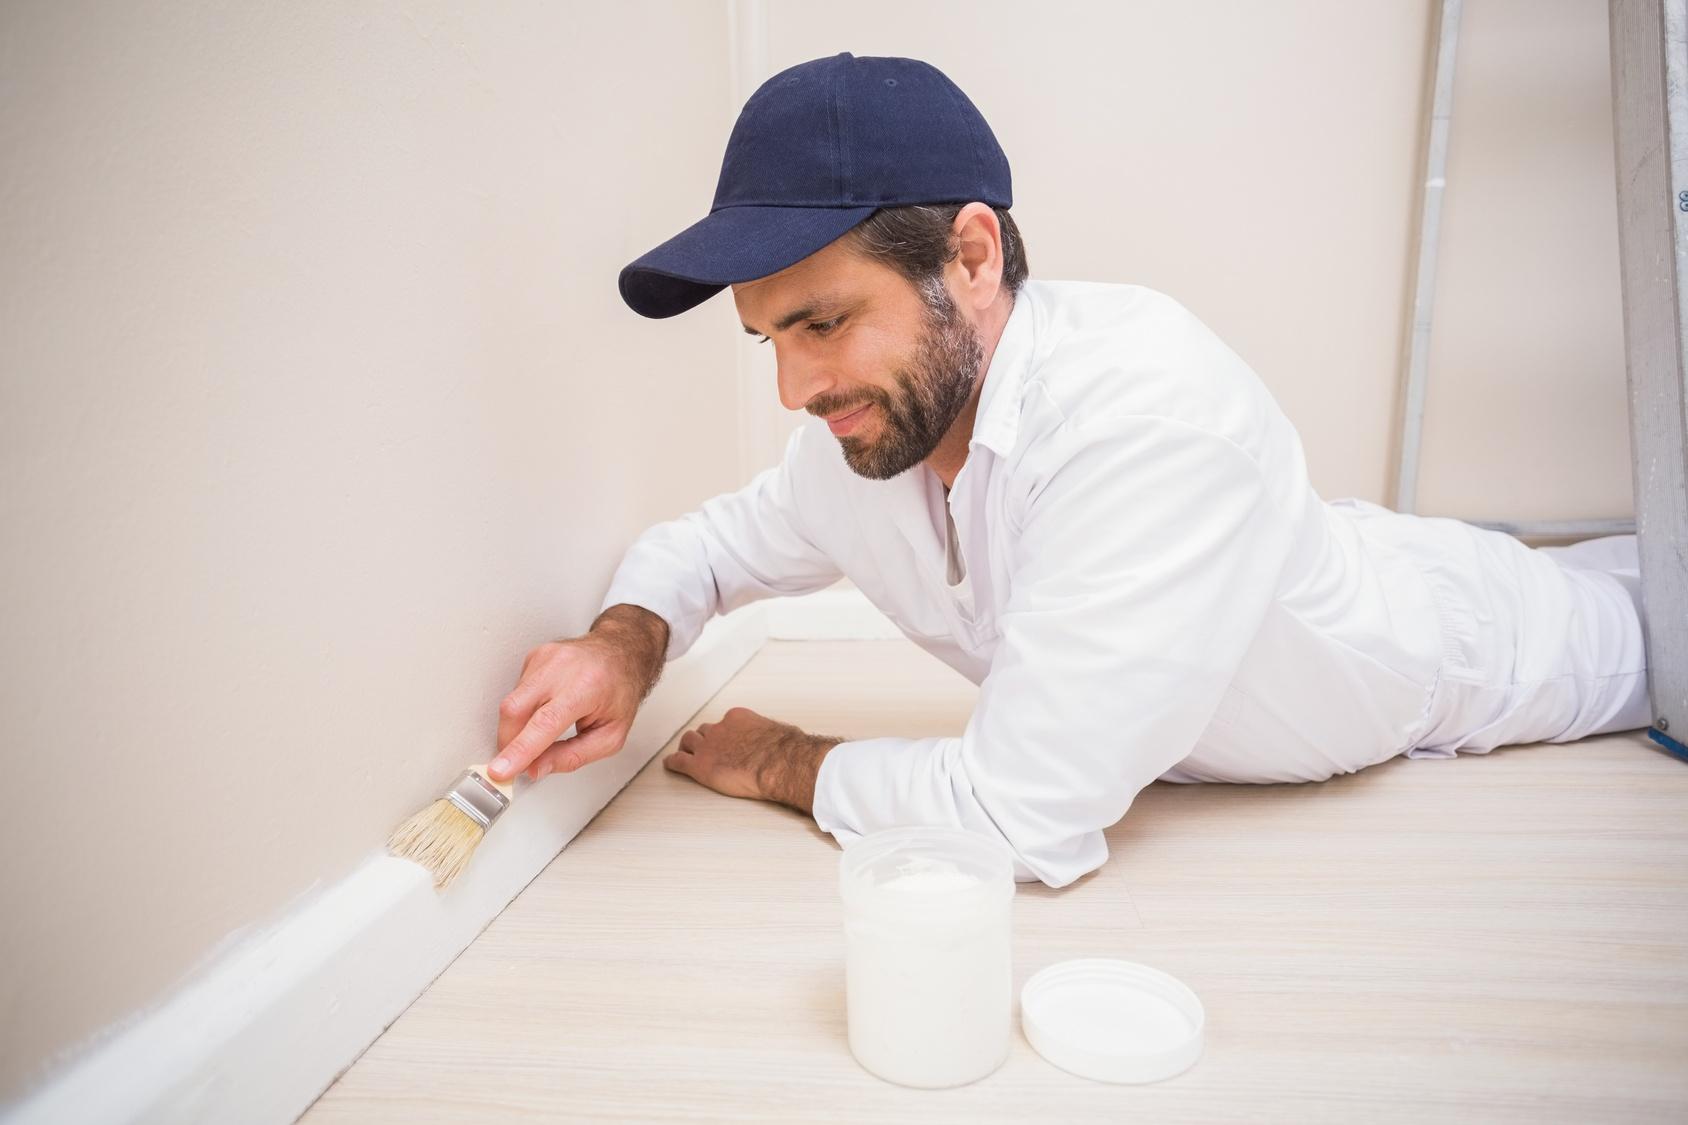 peindre des plinthes r ussir la peinture de vos plinthes. Black Bedroom Furniture Sets. Home Design Ideas